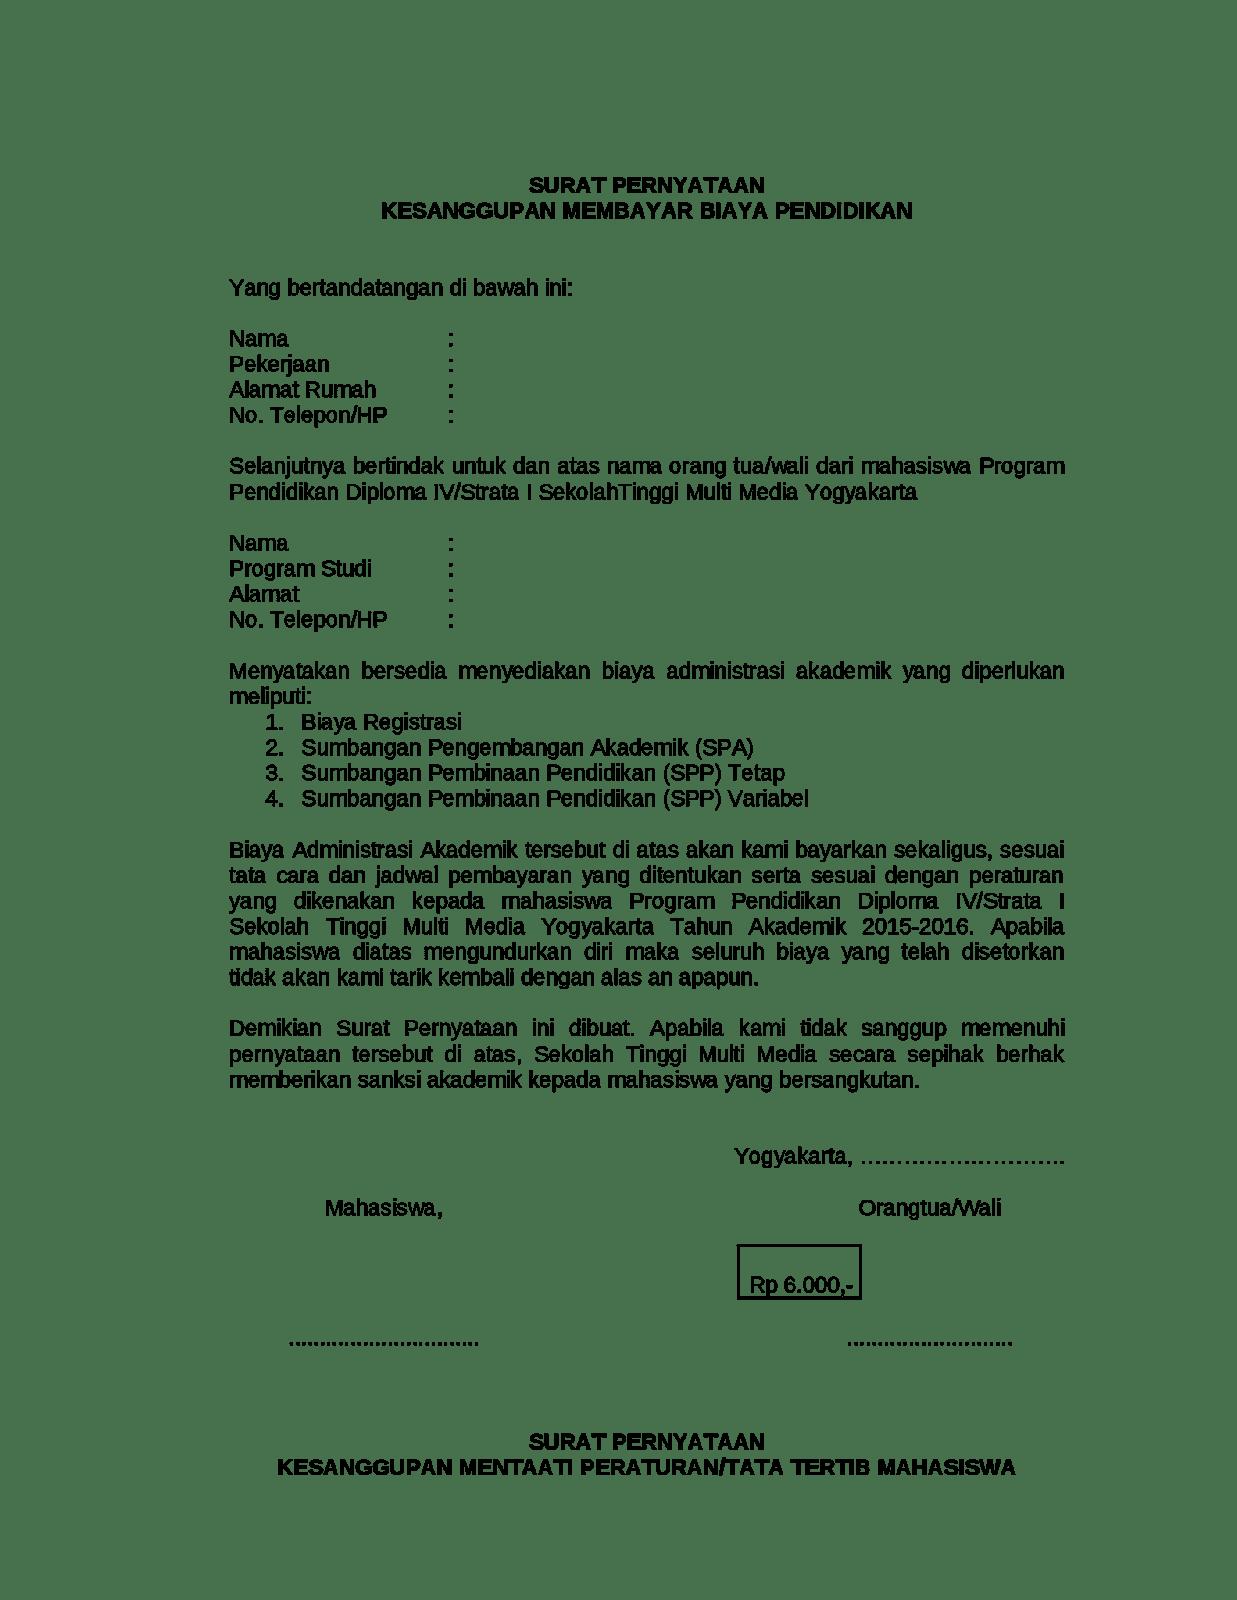 Contoh Surat Pernyataan Kesanggupan Membayar Biaya Kuliah atau Biaya Pendidikan